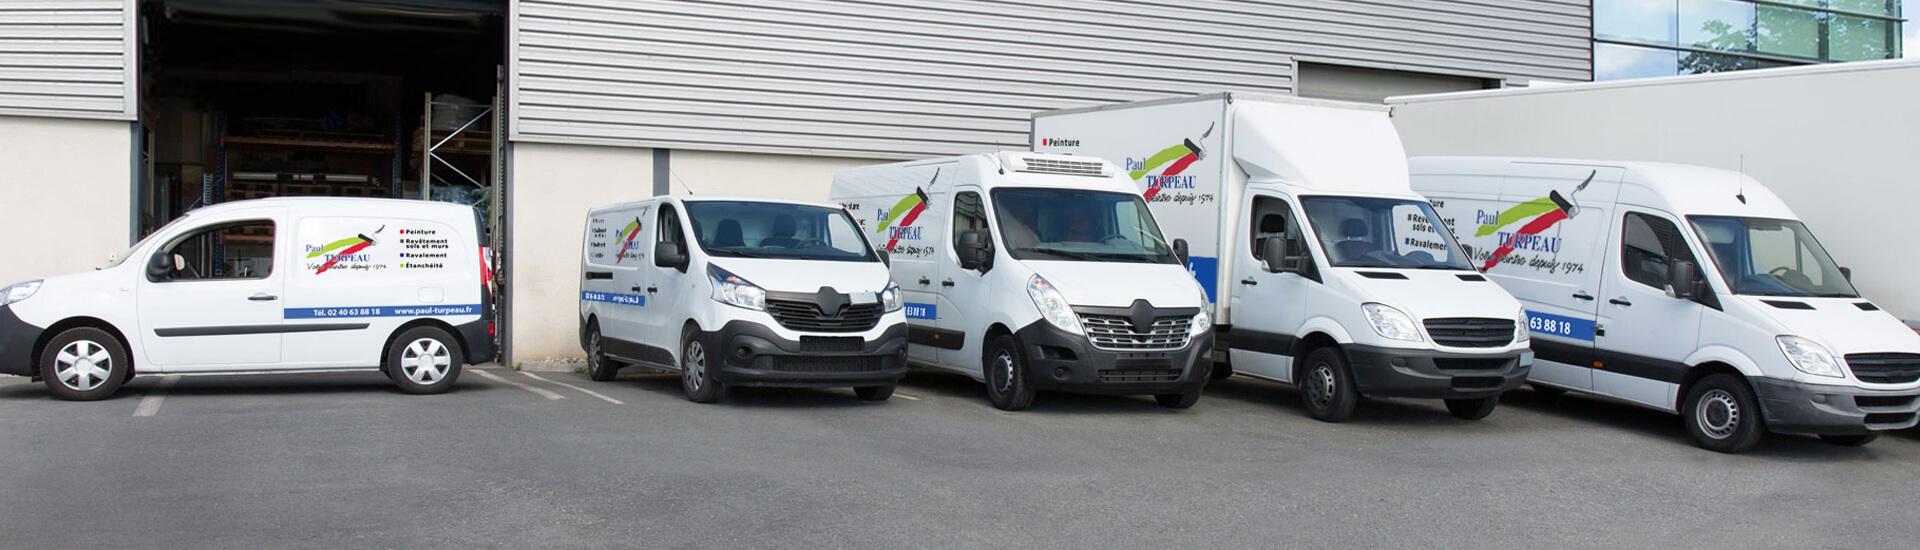 Flotte de véhicules - Paul Turpeau